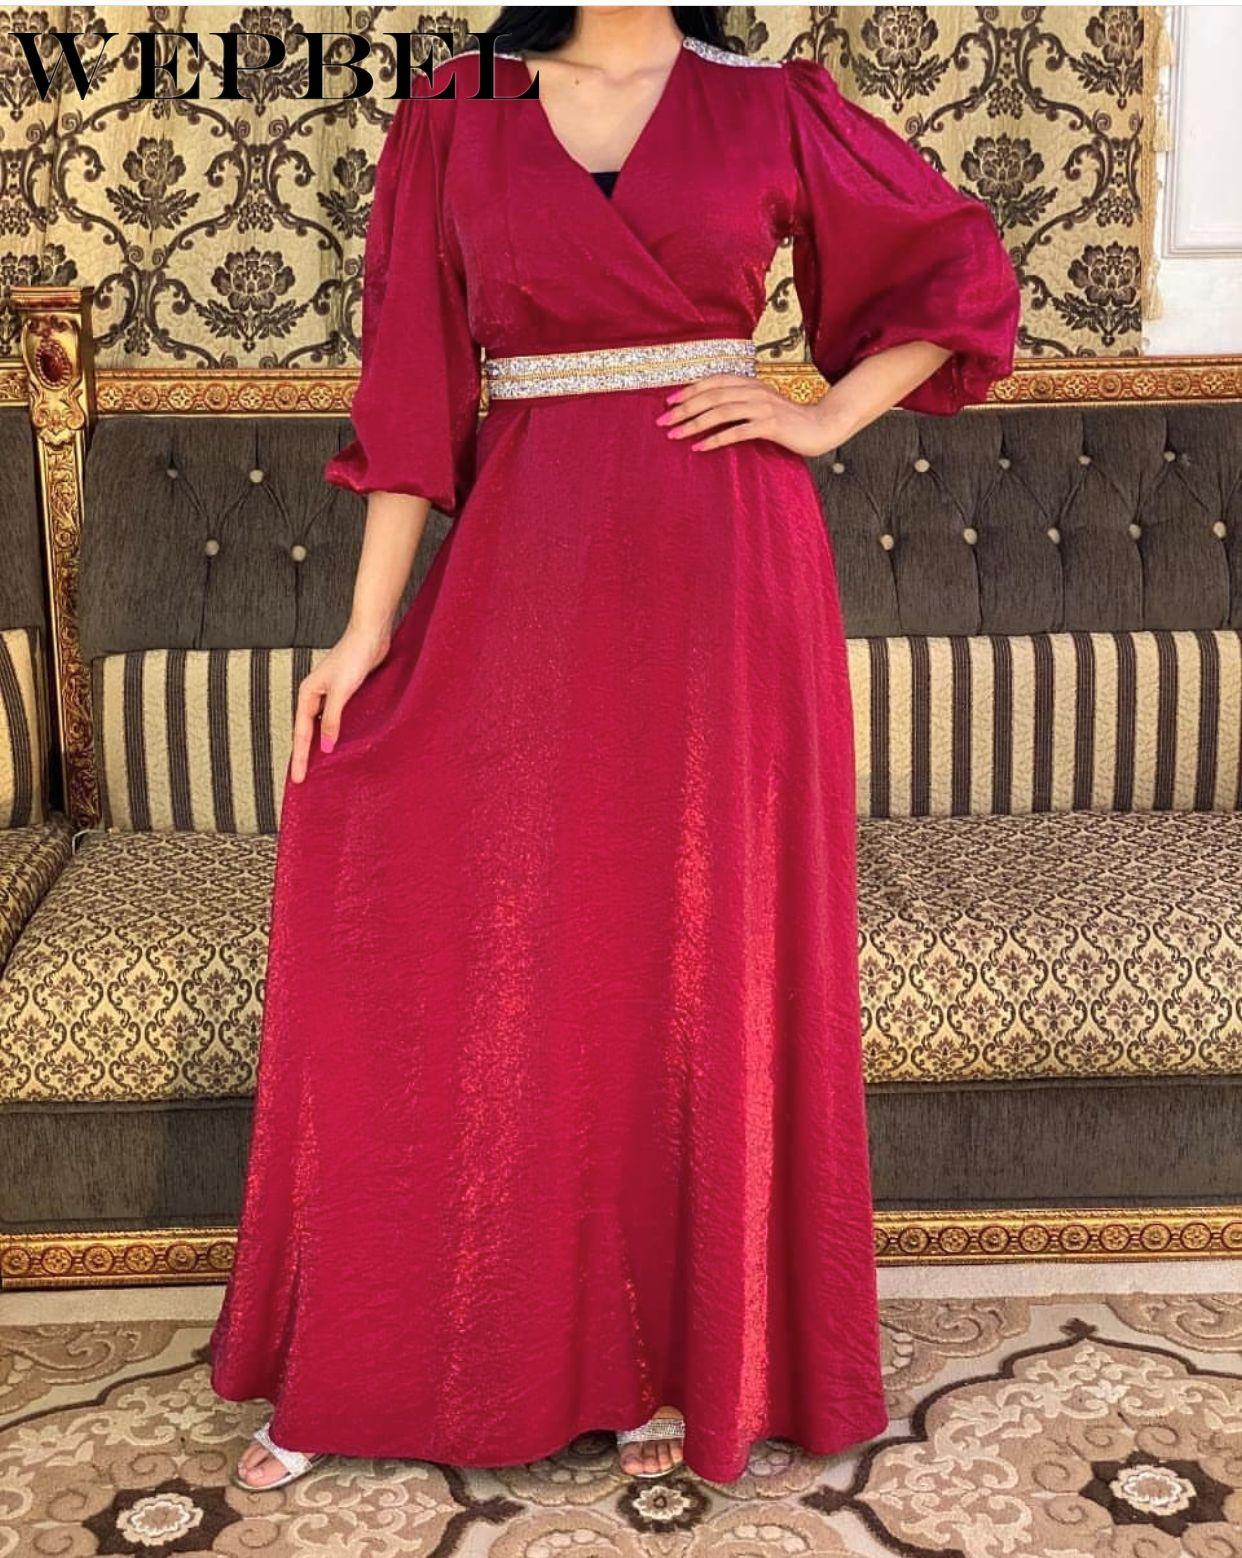 WEPBEL-vestido informal con cinturón de diamante para mujer, Túnica cintura alta, musulmán,...